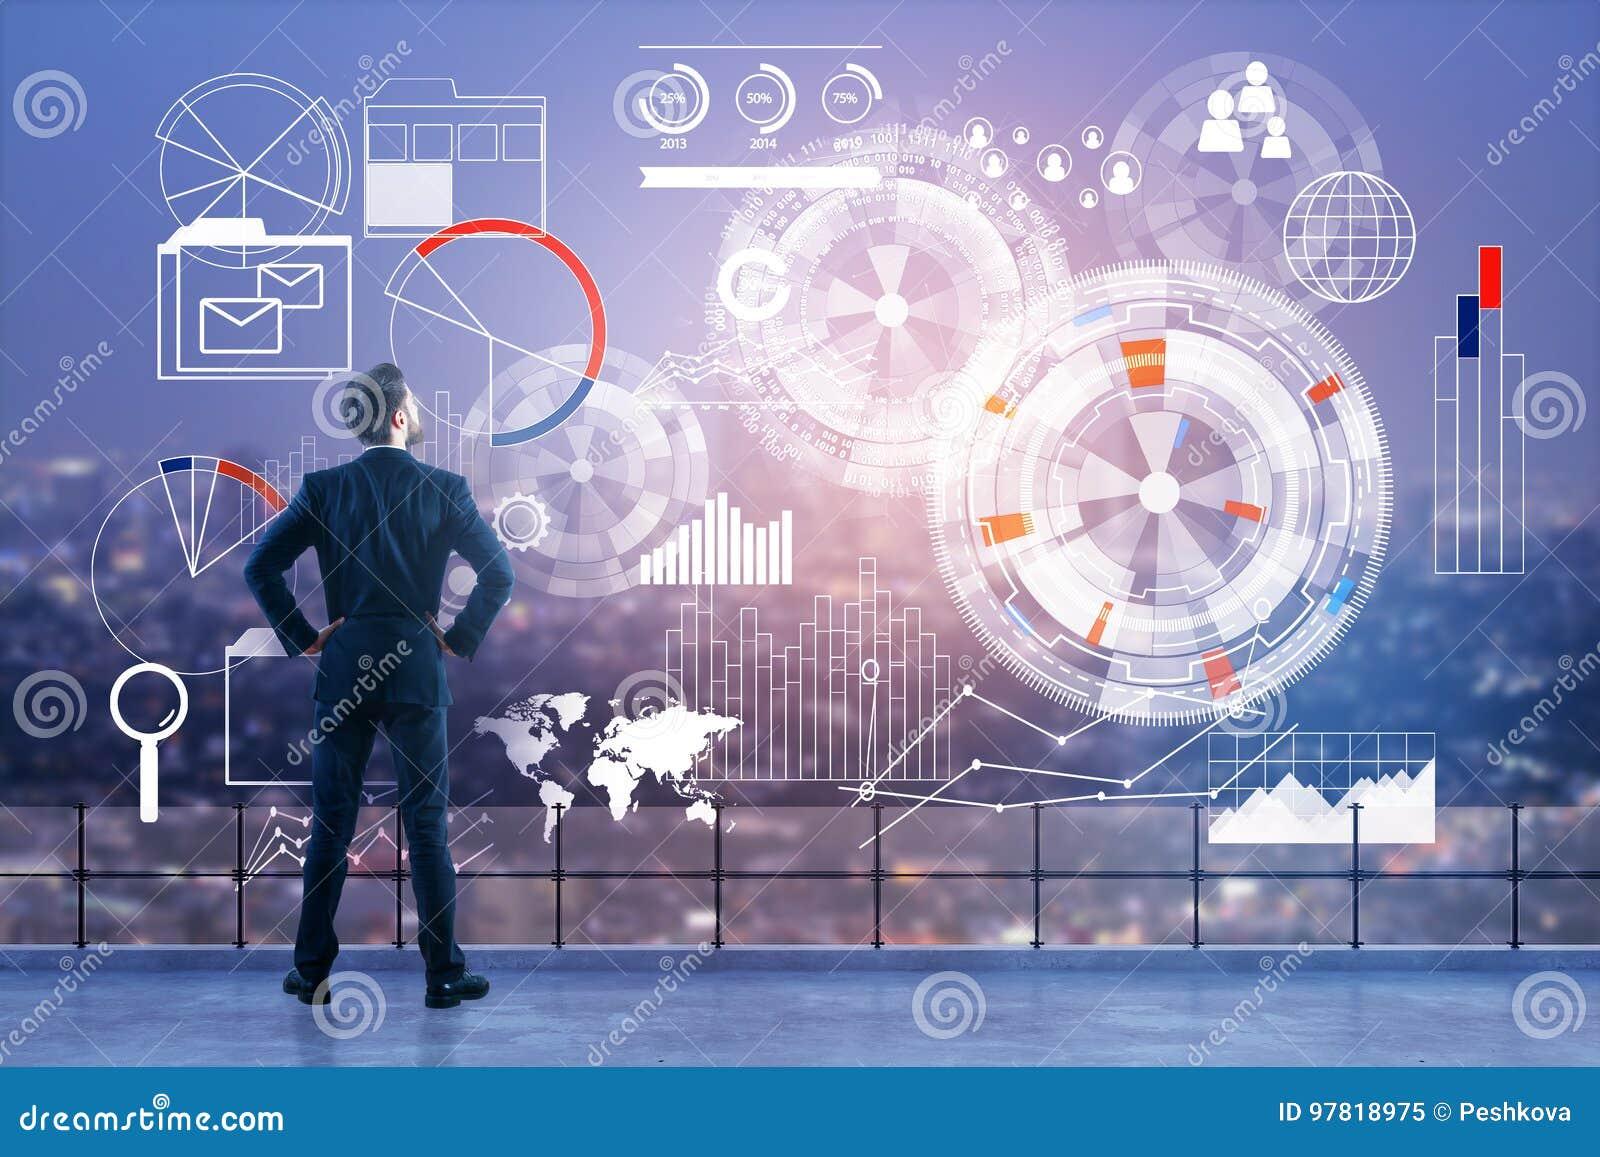 Technologie, Analytik und Finanzkonzept